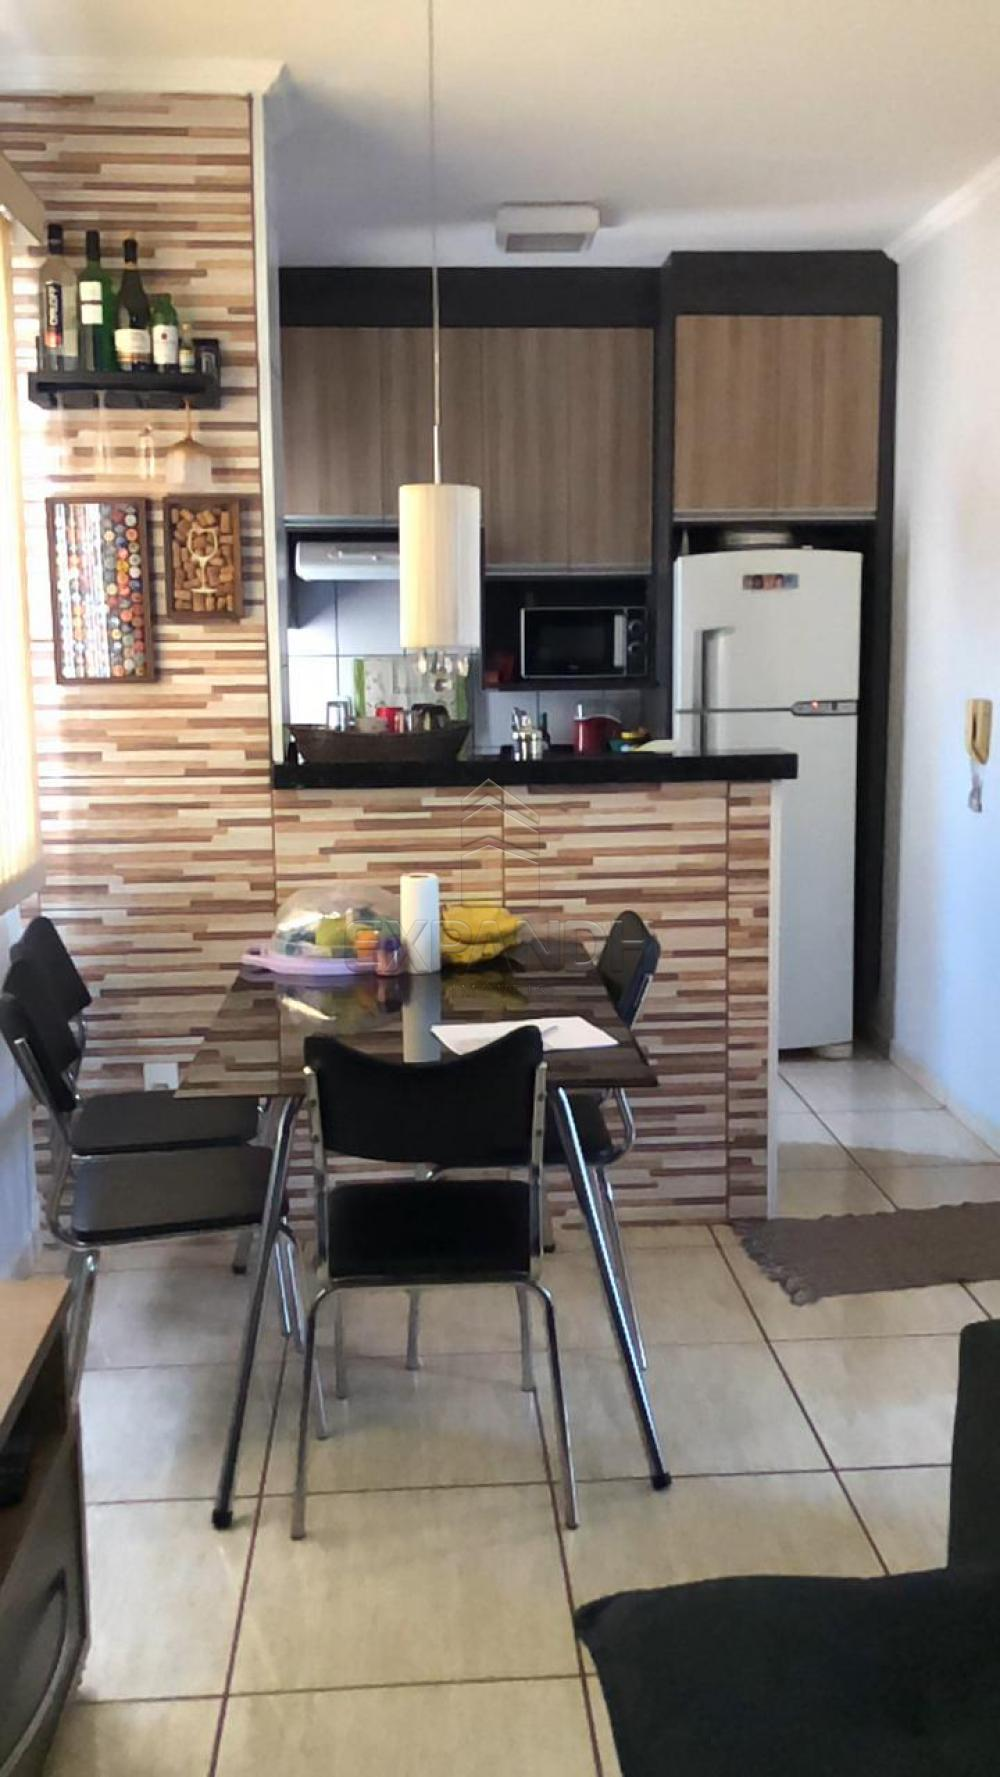 Comprar Apartamentos / Padrão em Sertãozinho R$ 140.000,00 - Foto 10